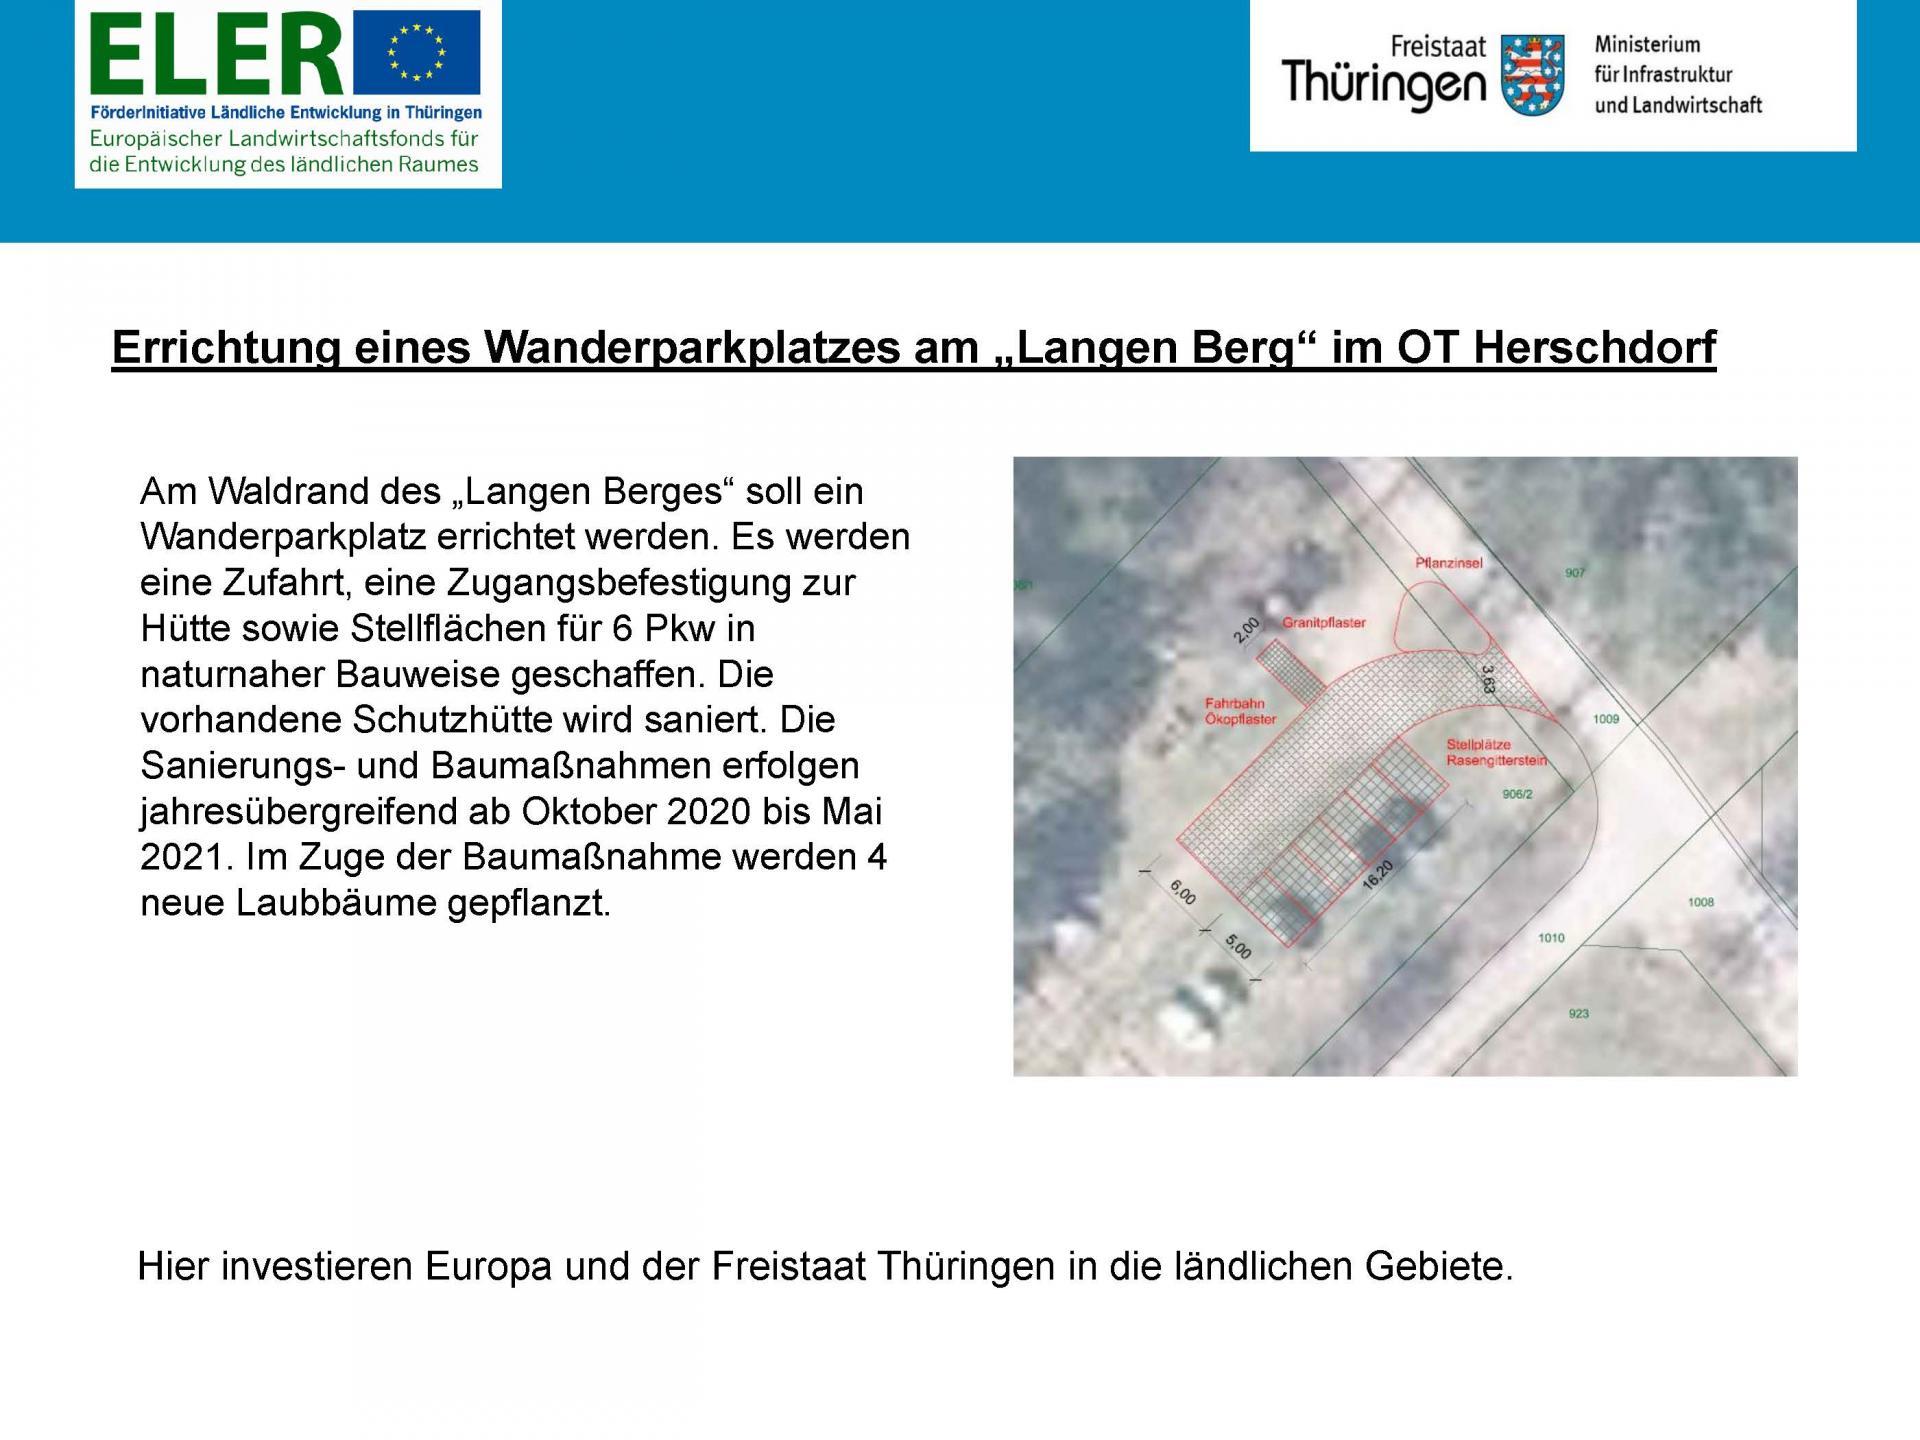 Wanderparkplatz Herschdorf